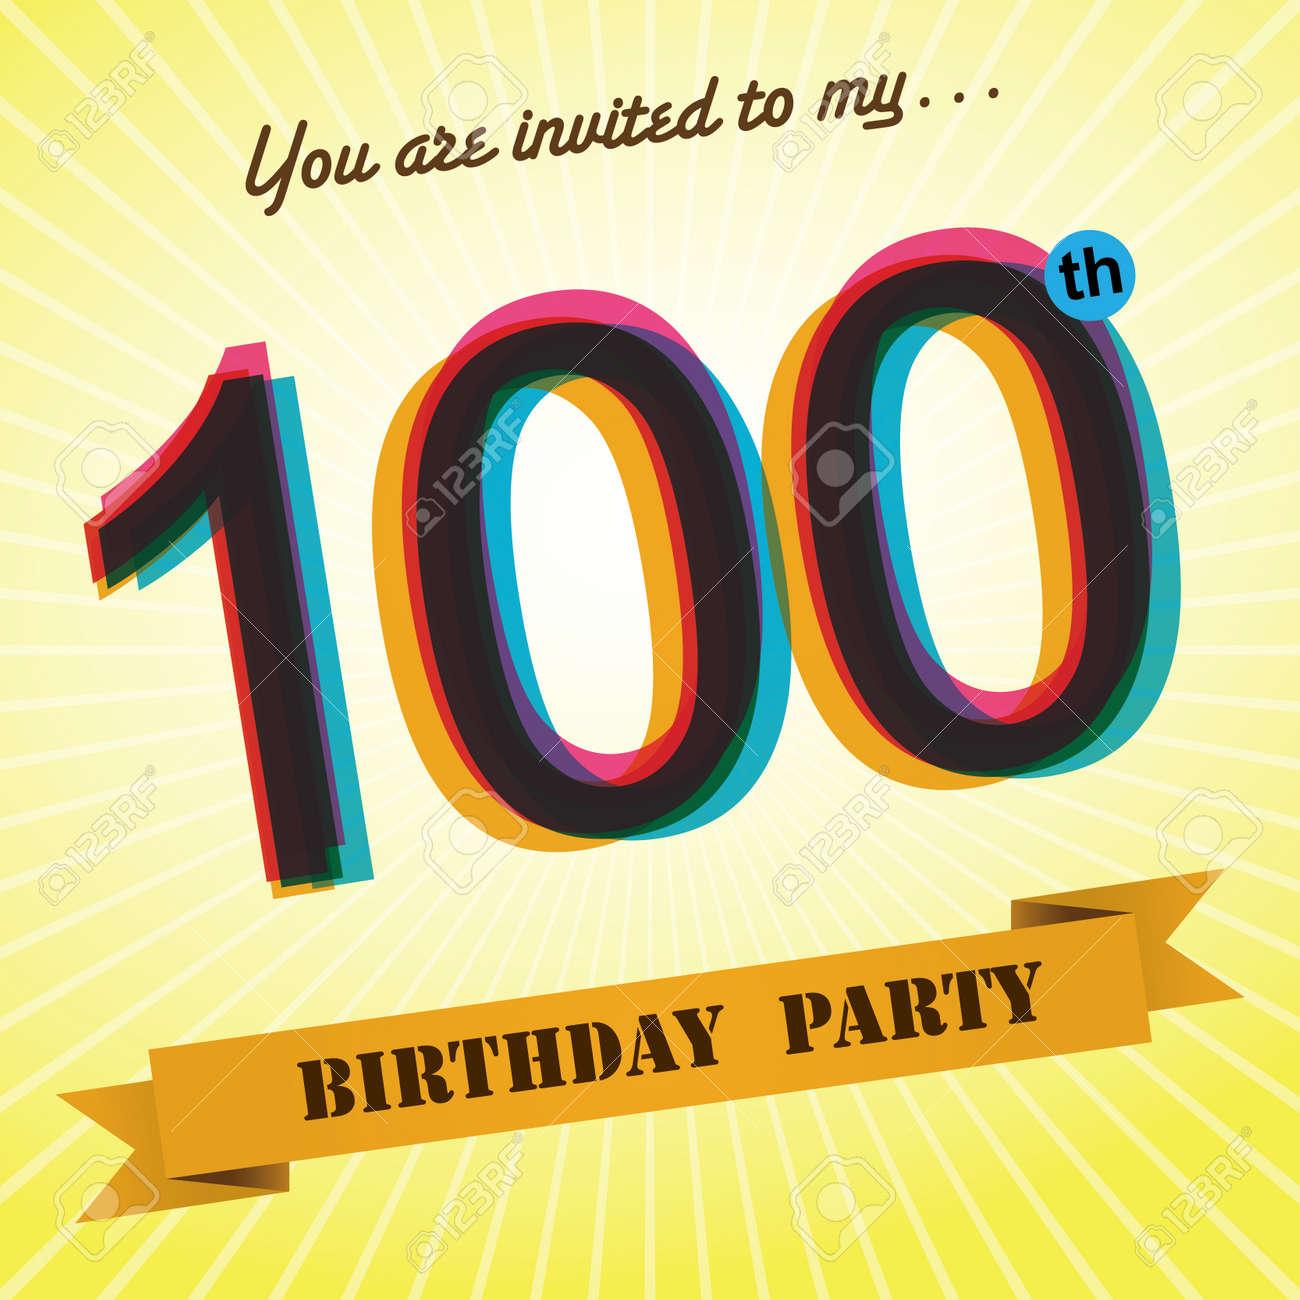 100th birthday party invite template design retro style vector 100th birthday party invite template design retro style vector stock vector 27373622